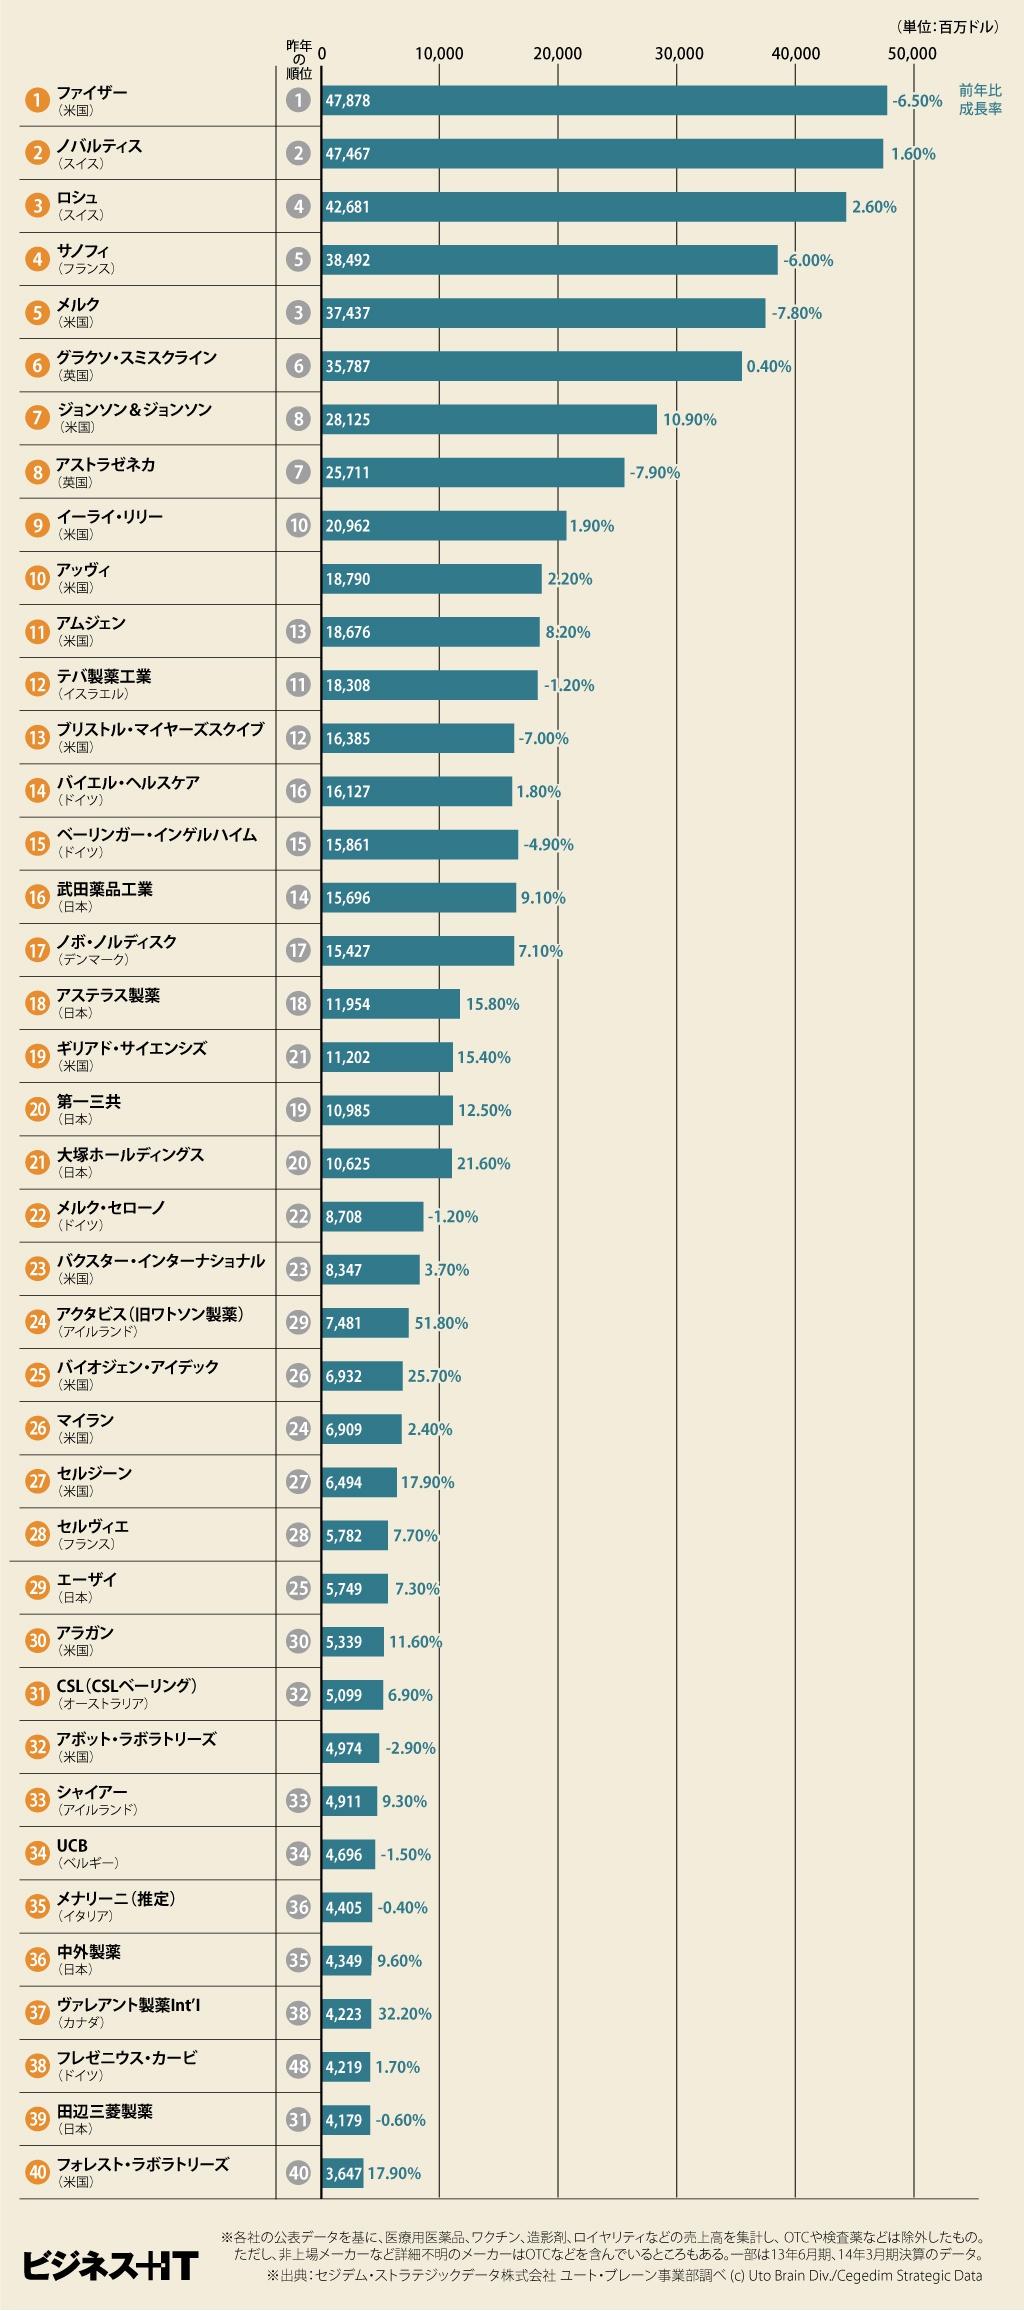 世界 製薬 会社 ランキング